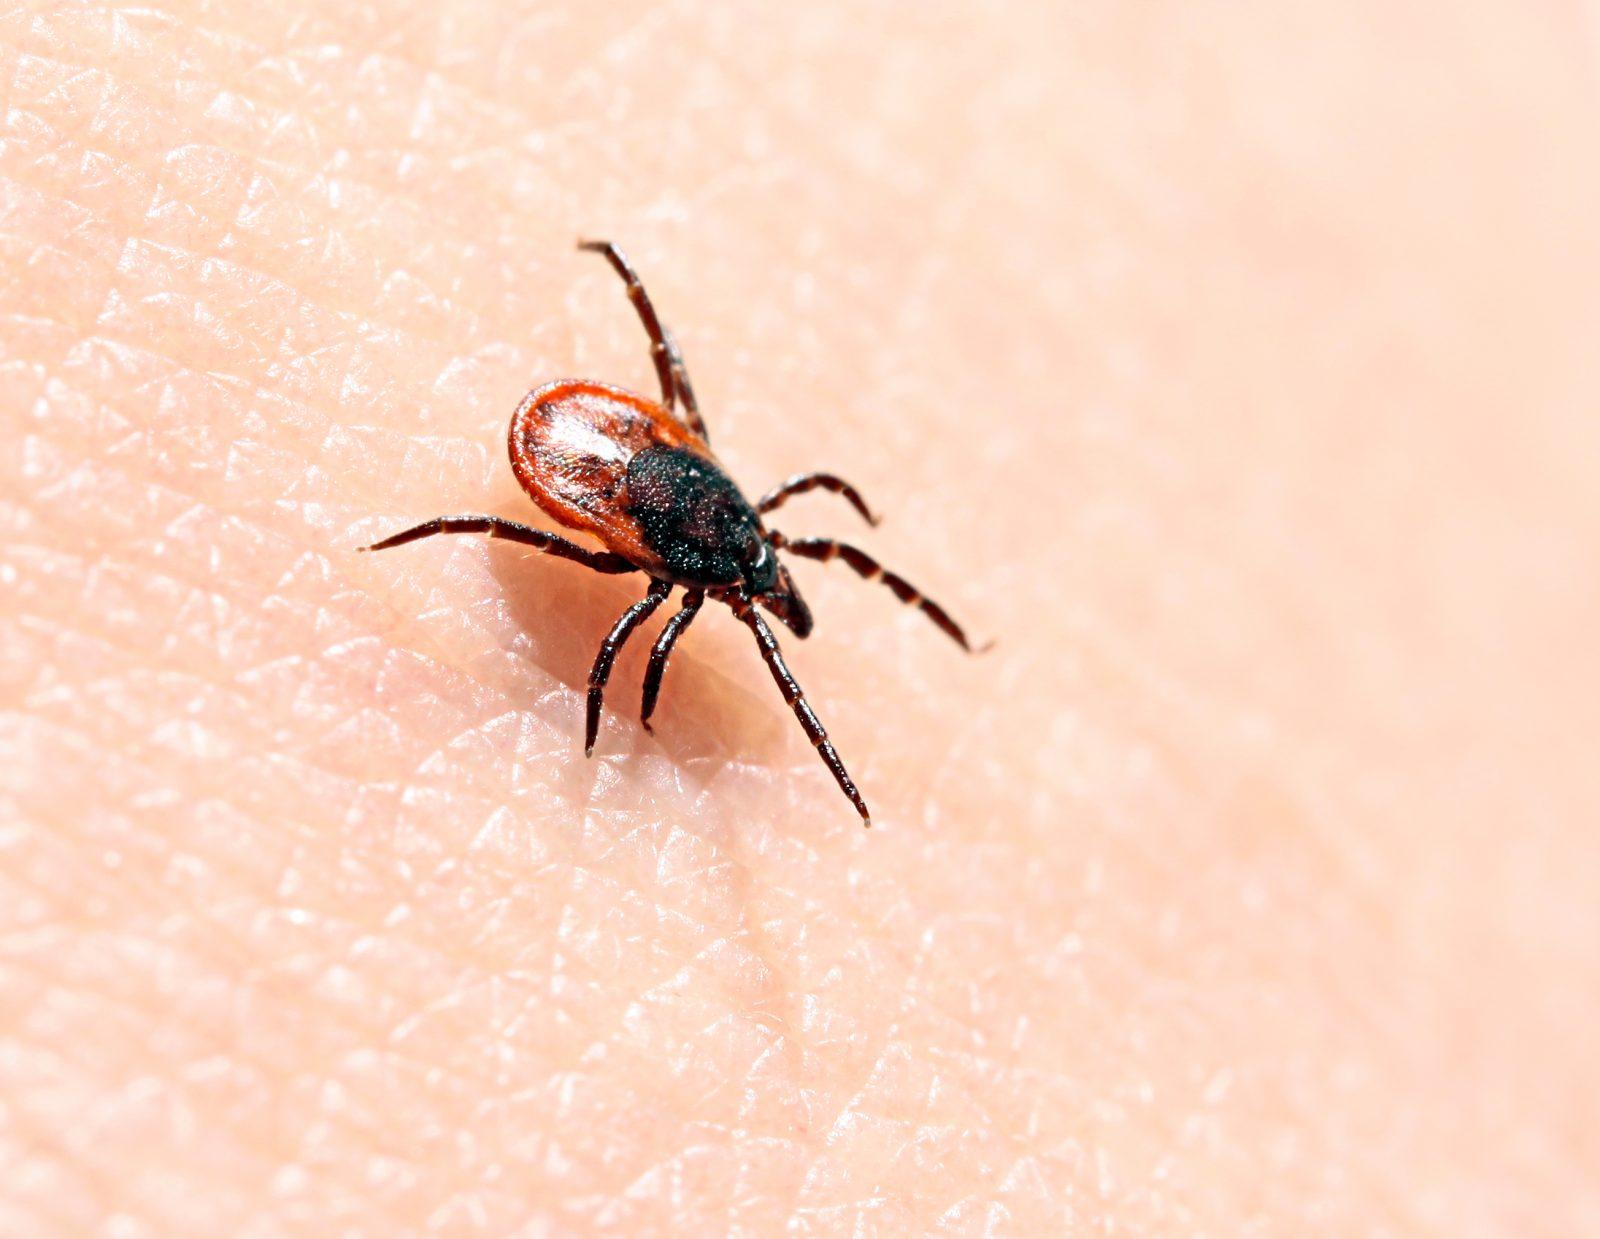 Cornwall, SDG endemic area for black legged ticks